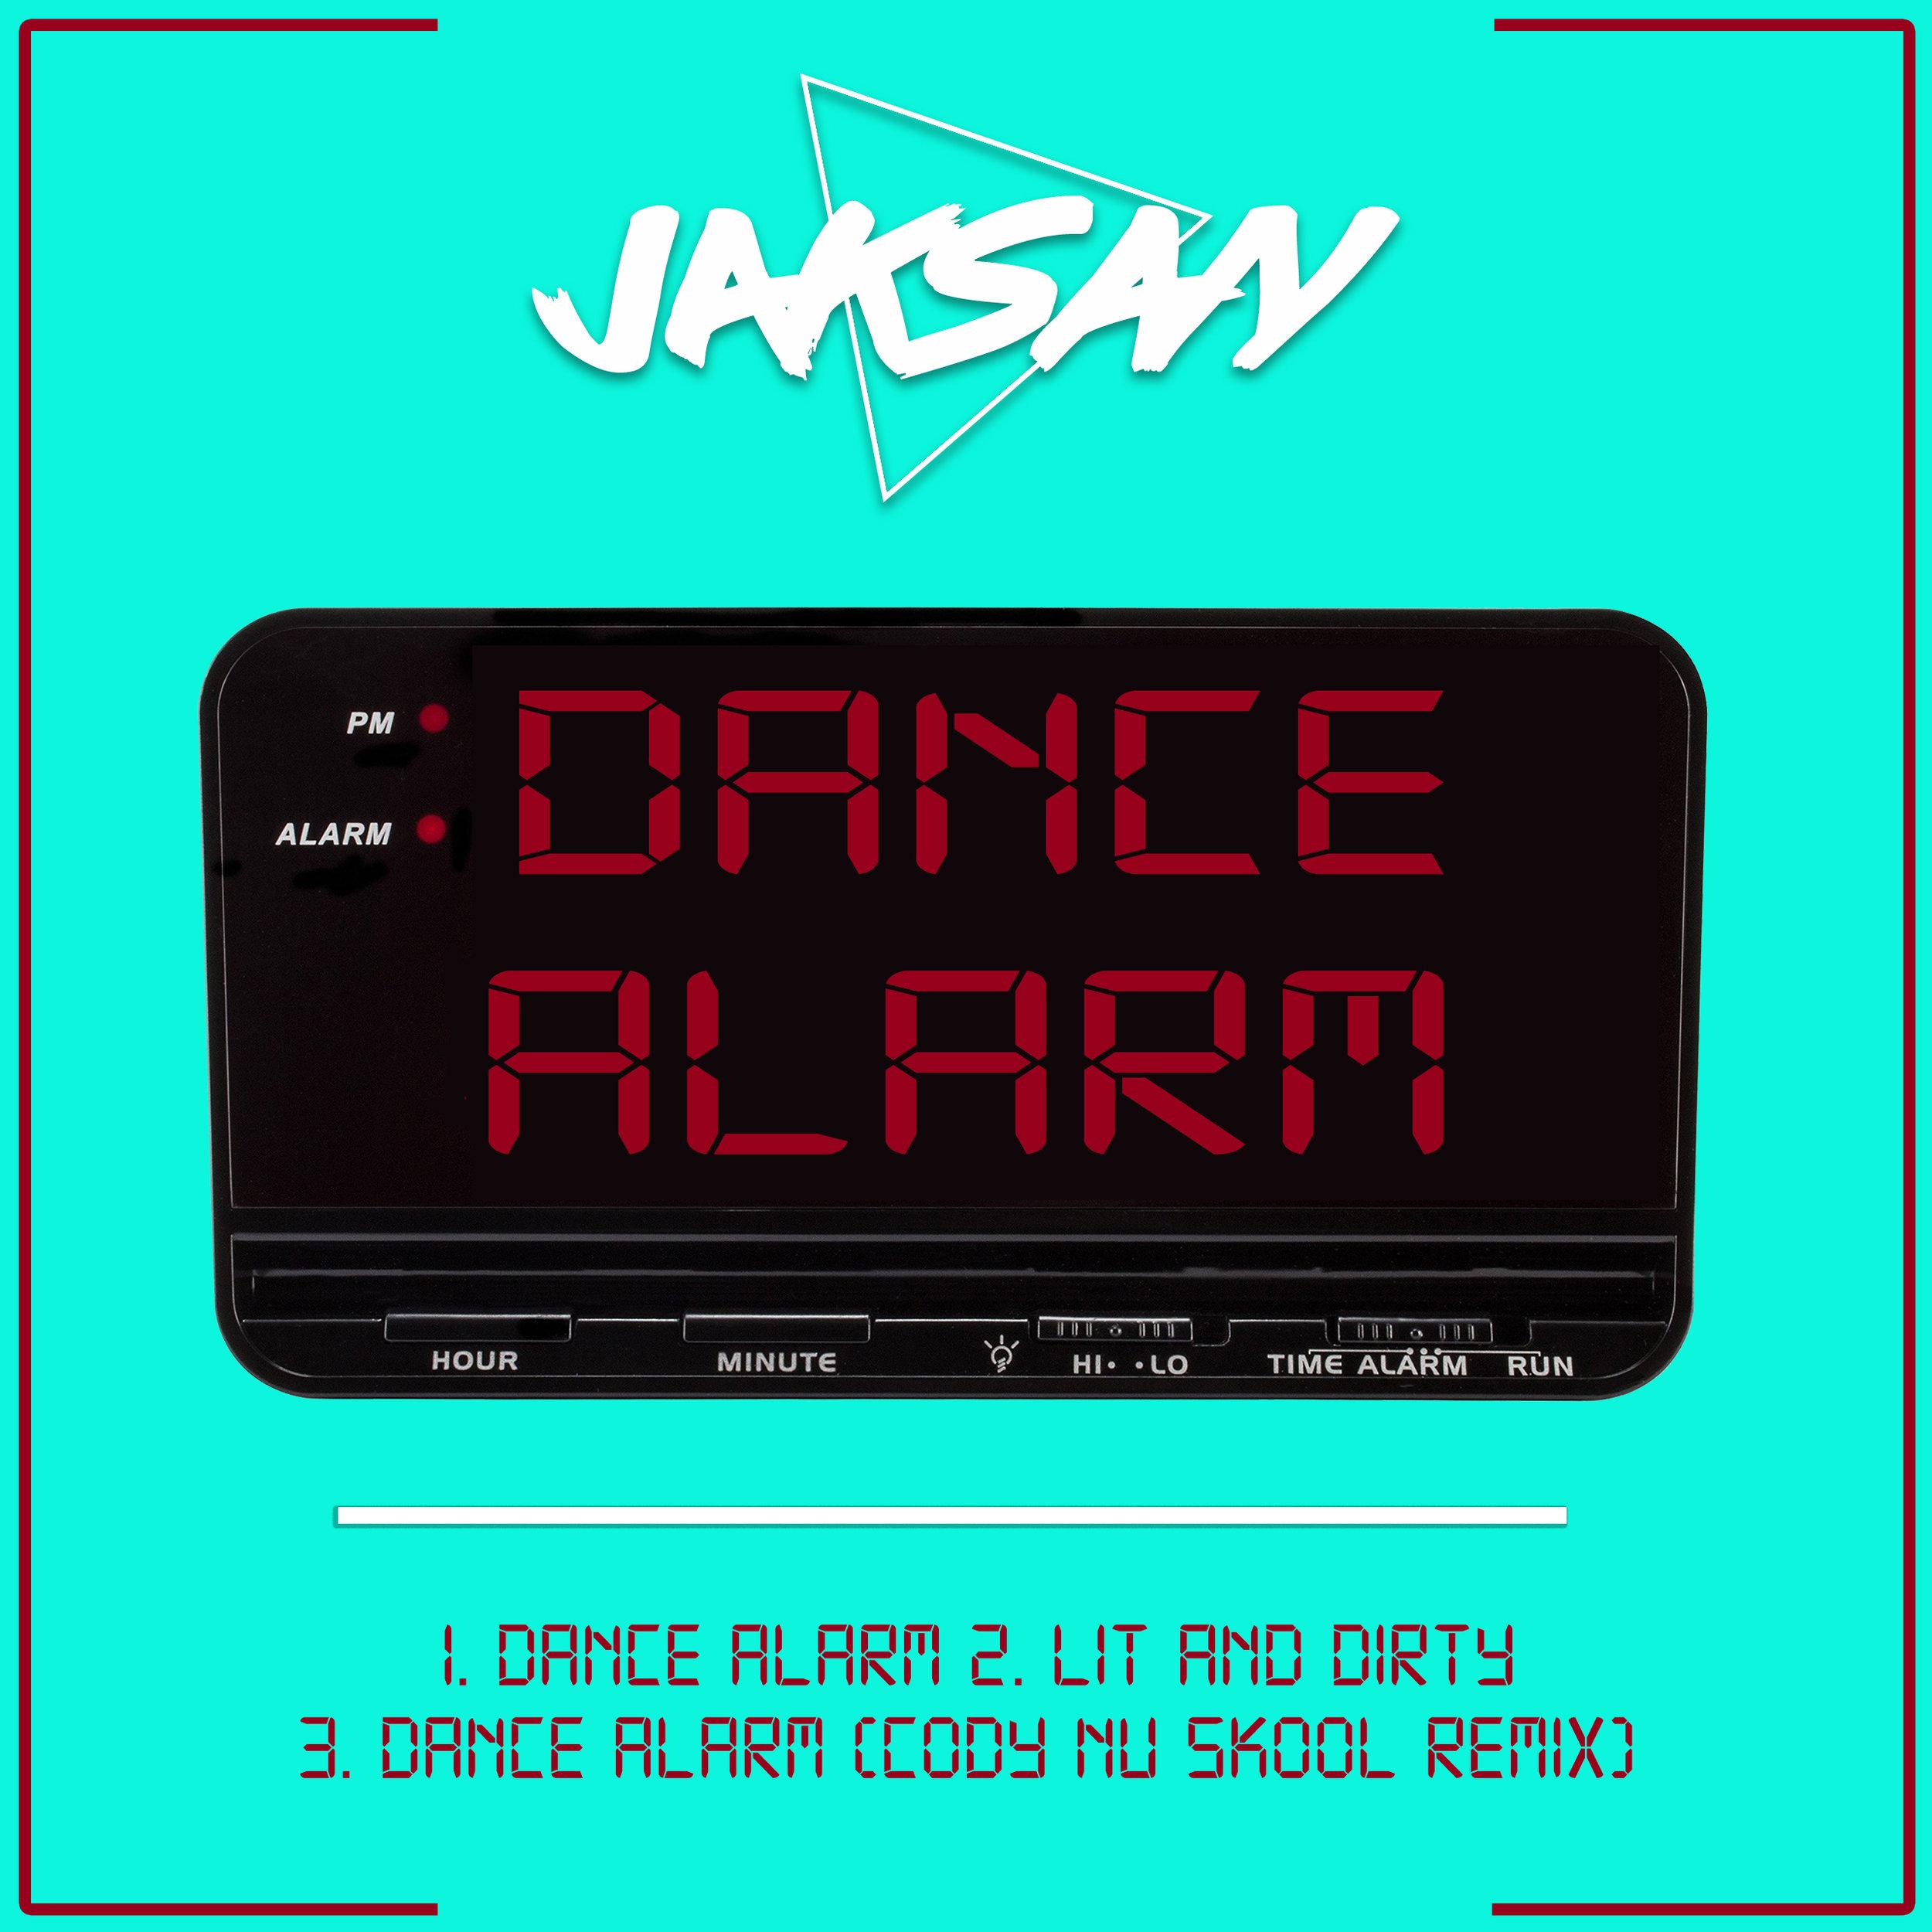 [OFDM039] Jaksan - Dance Alarm (ARTWORK).jpg